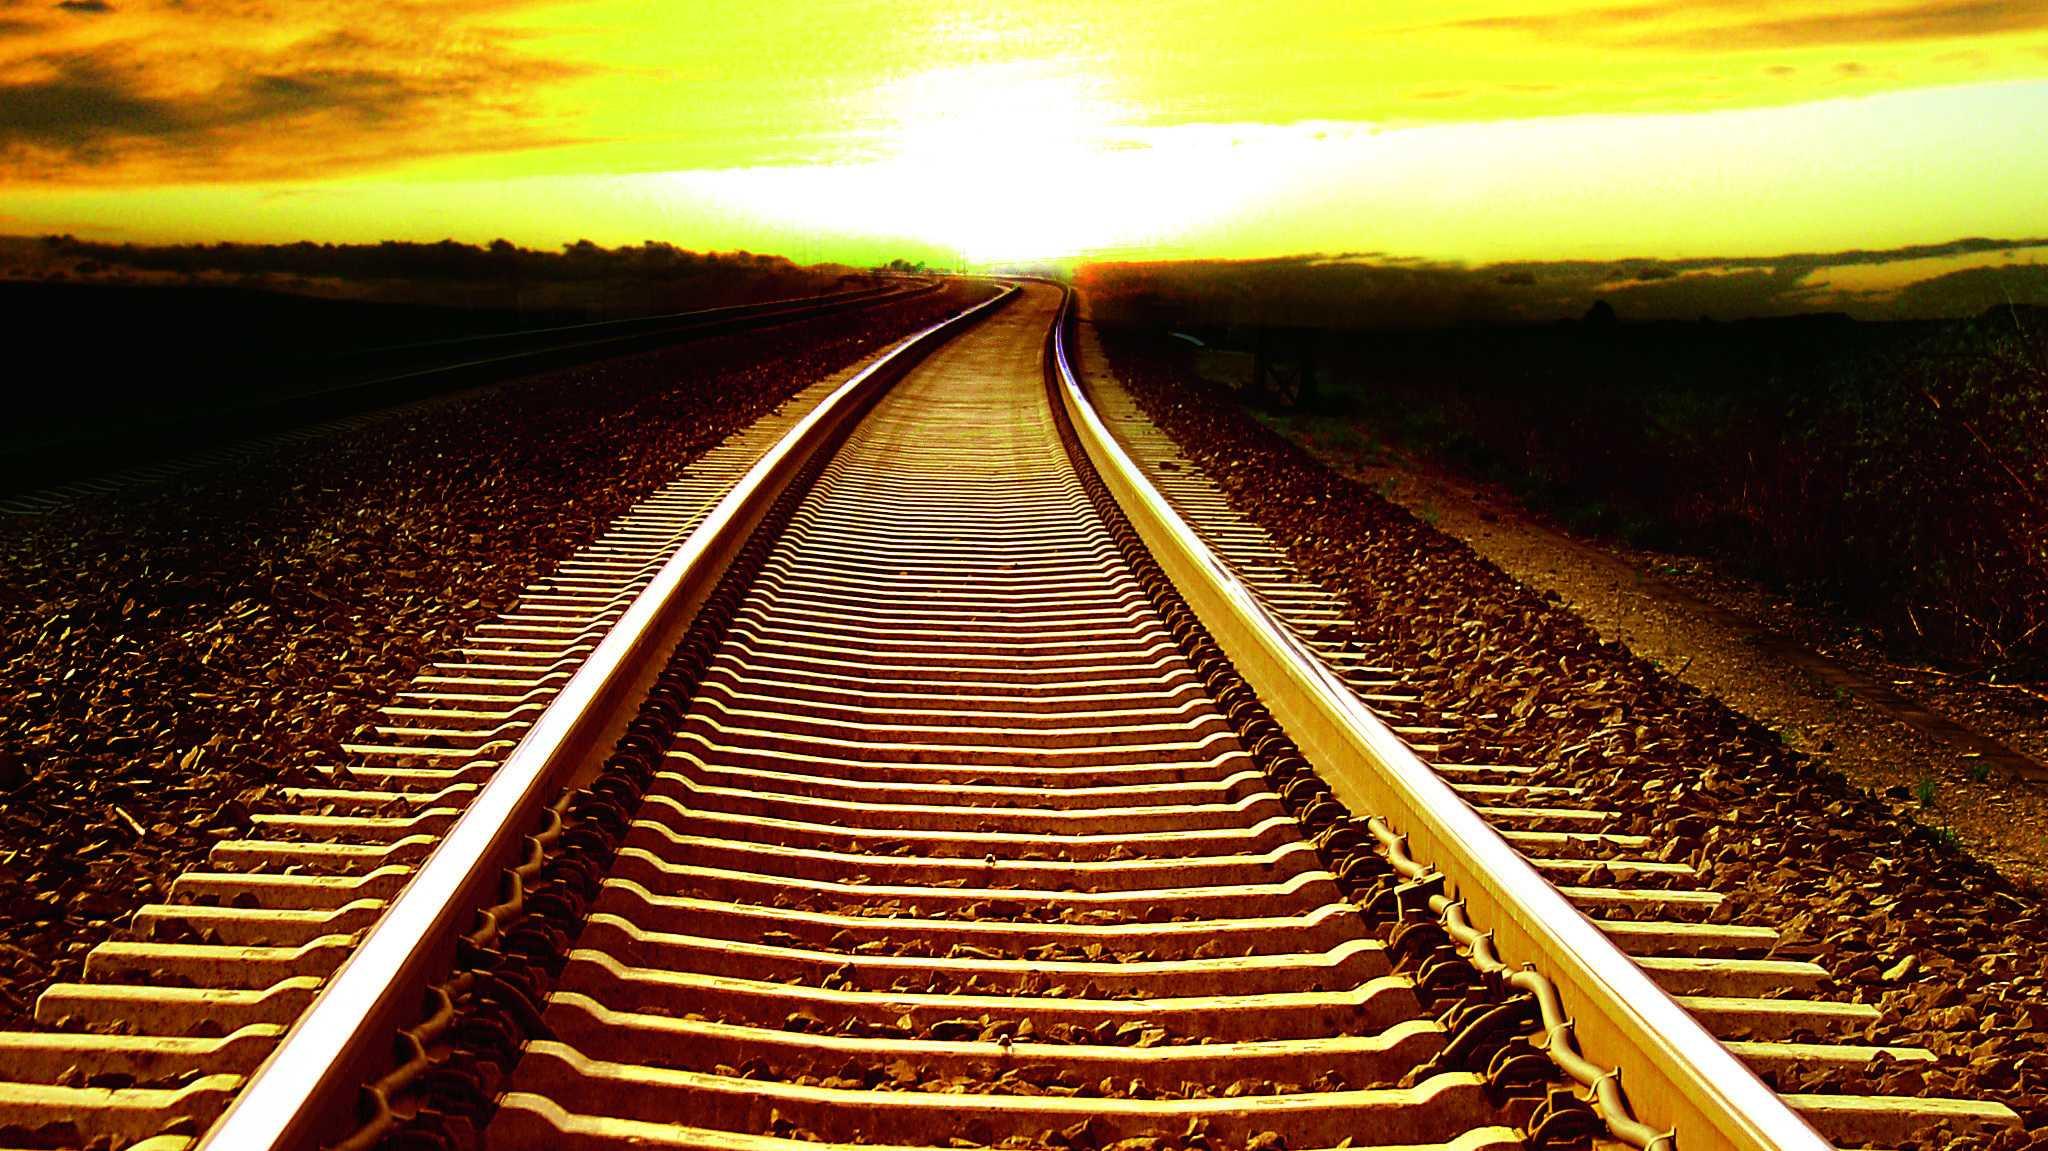 Webanwendungsframework Ruby on Rails 5.1 veröffentlicht